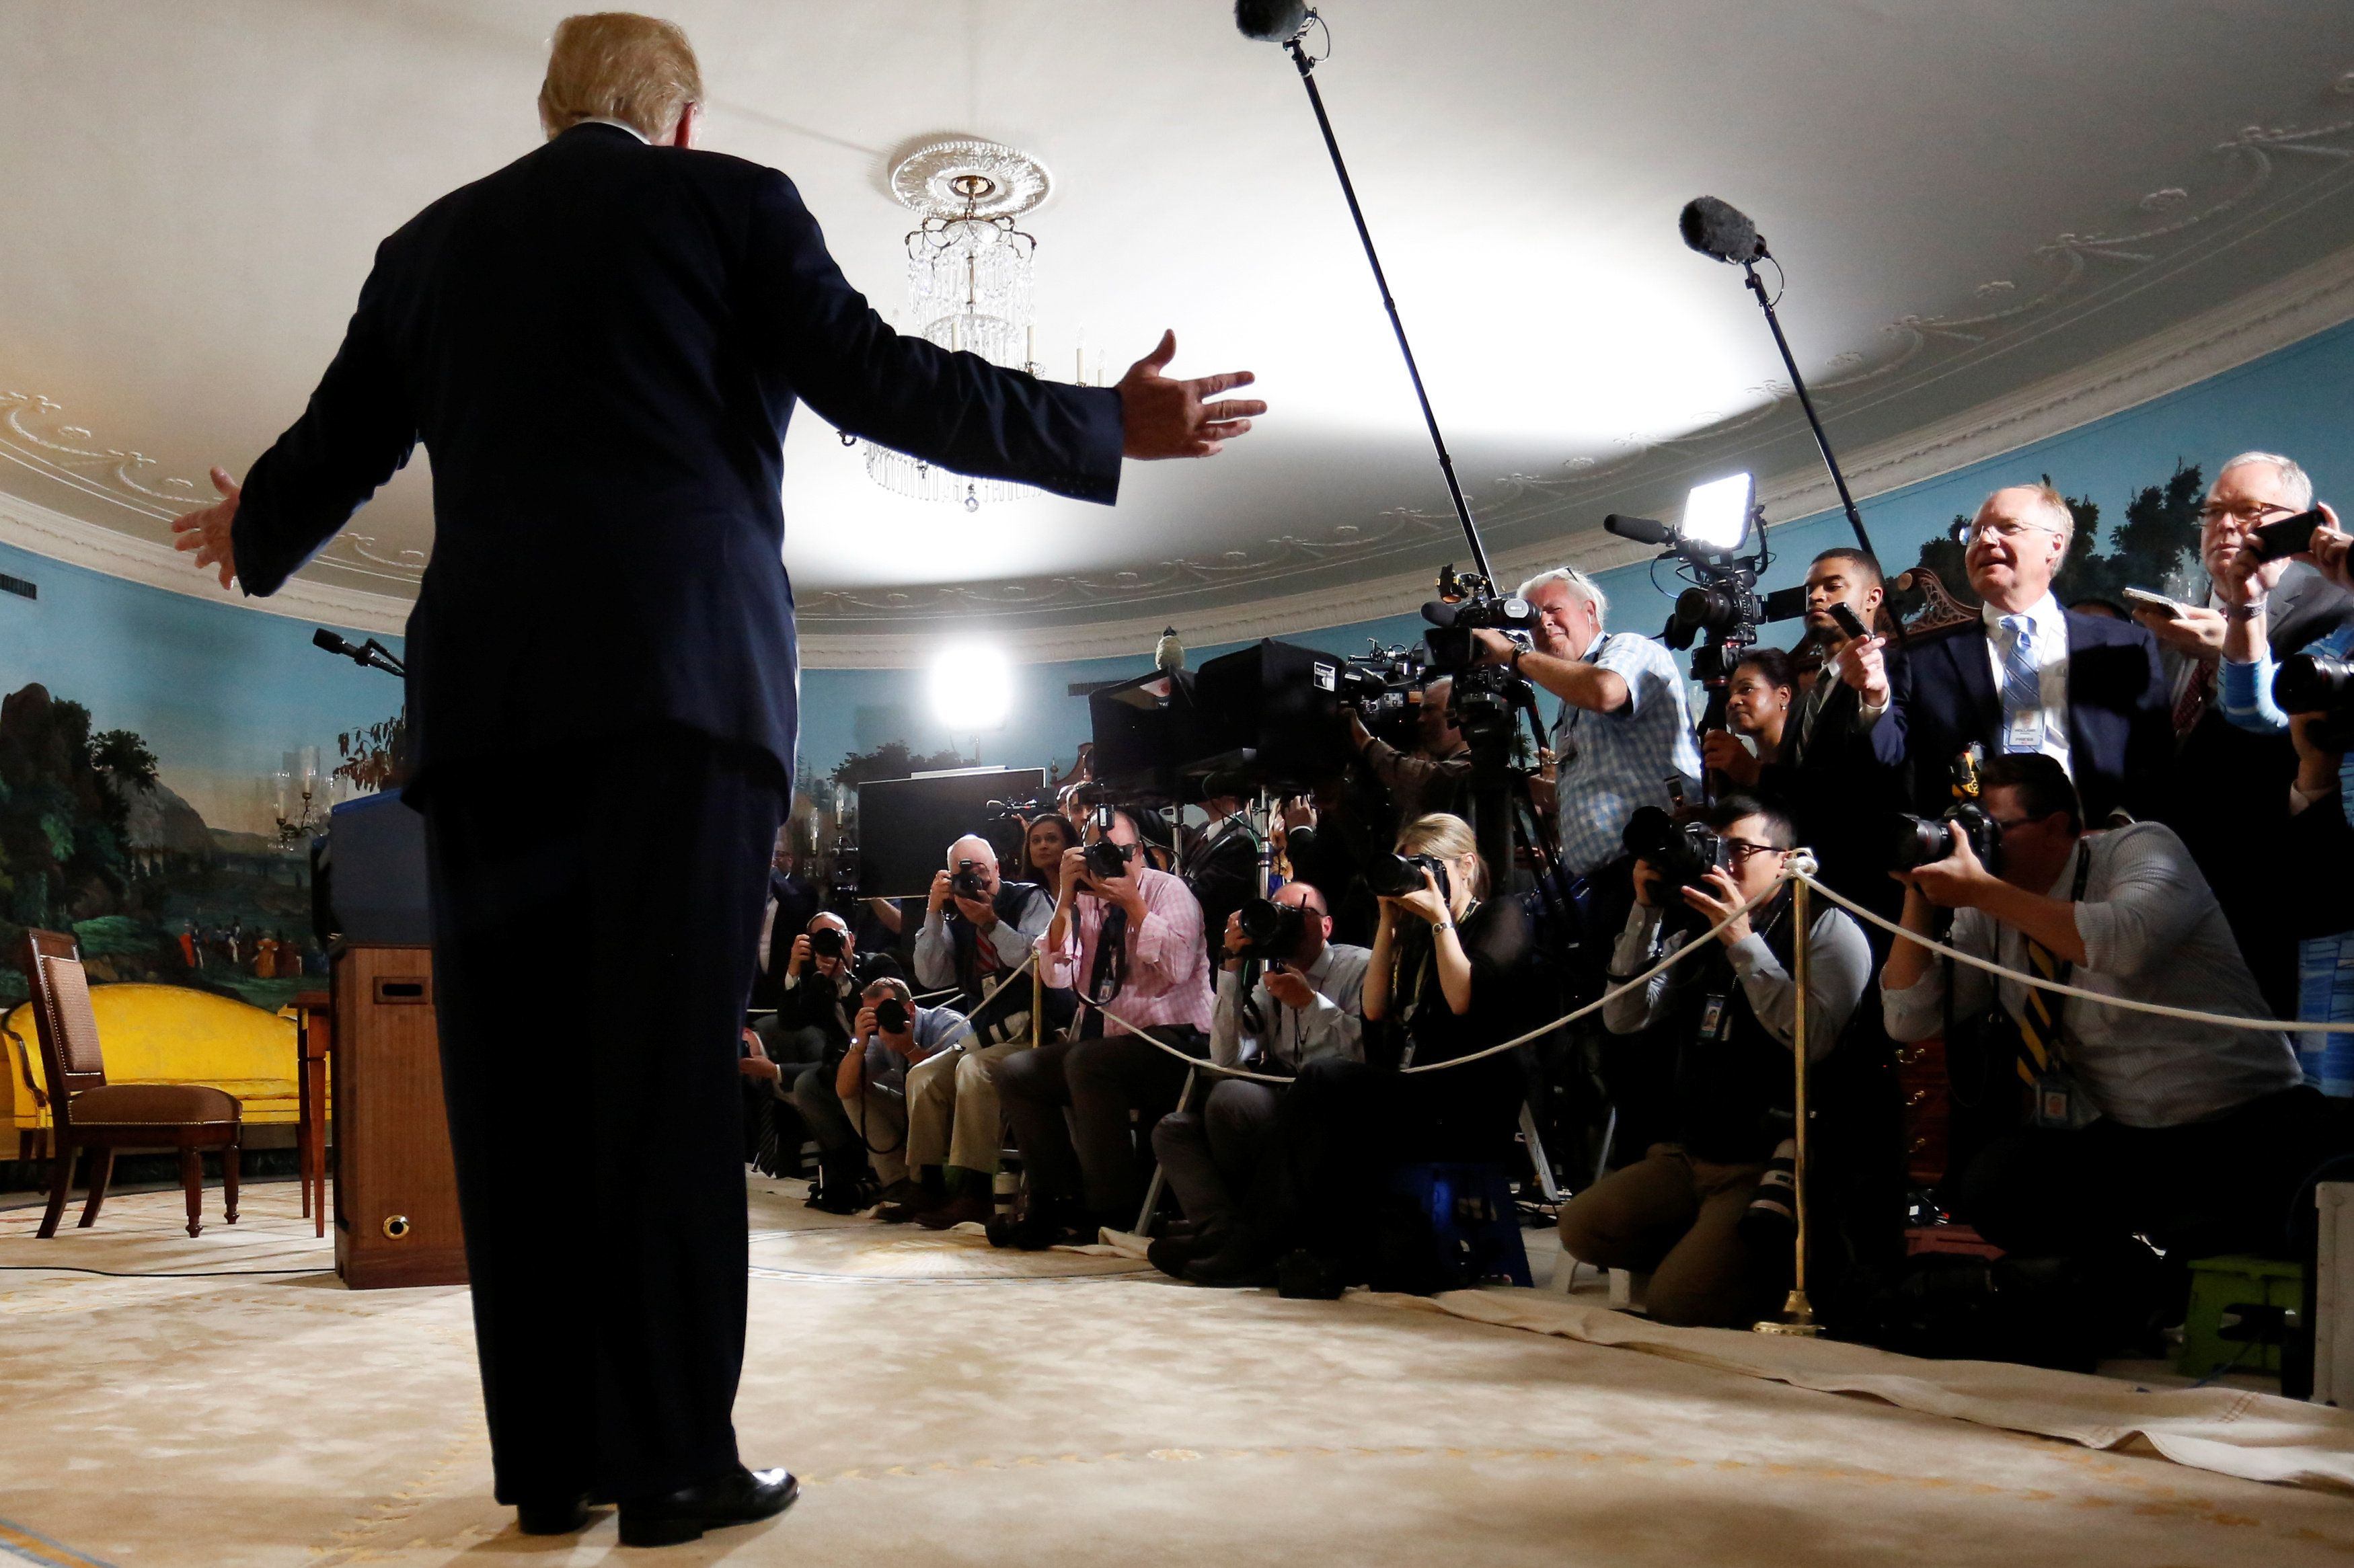 Zieht Donald Trump gegen den Iran in den Krieg? 4 Experten